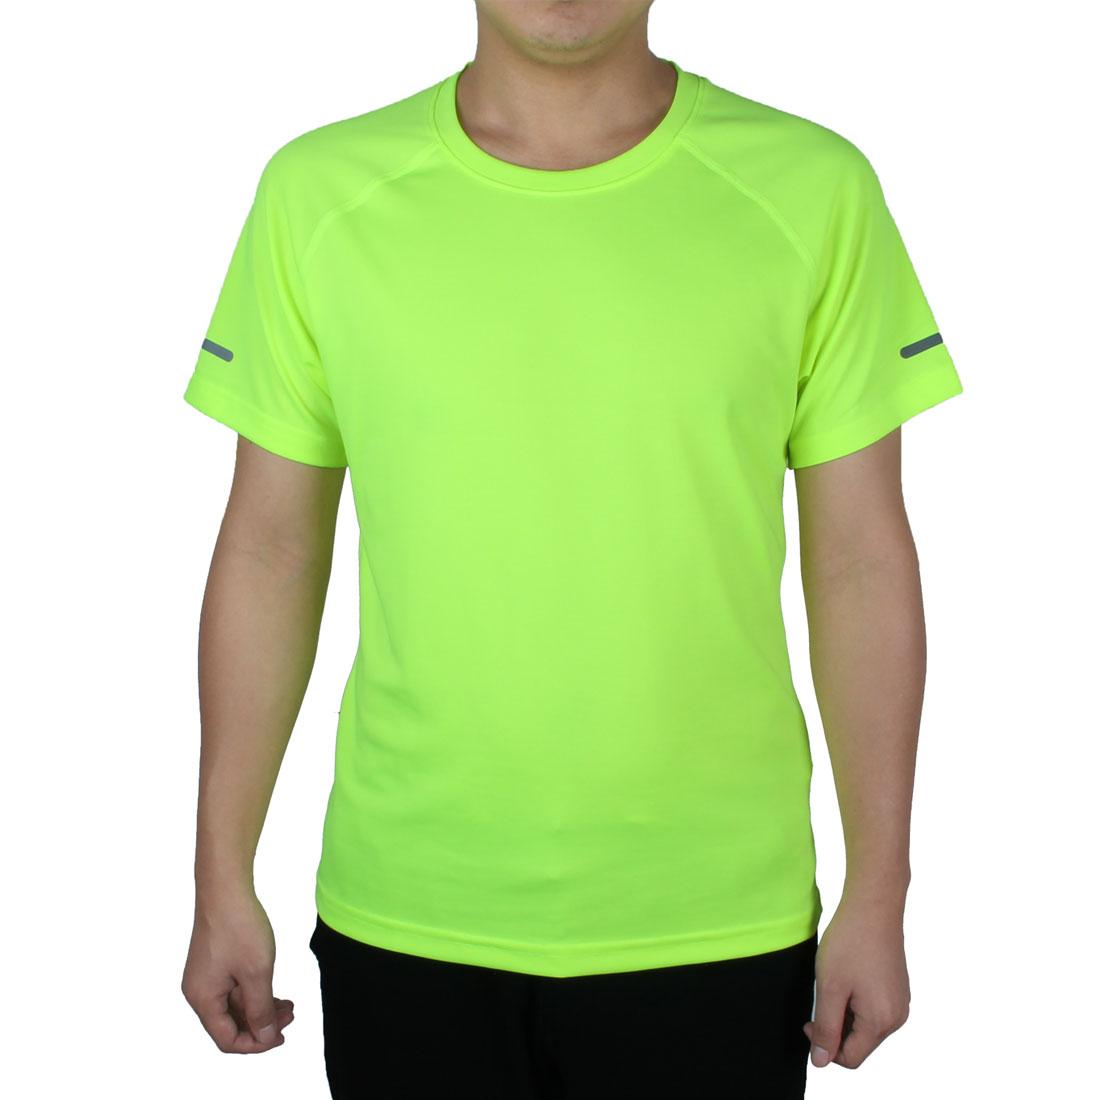 Short Sleeve Tee Clothes Reflective Soccer Sports T-shirt Fluorescent Green XL